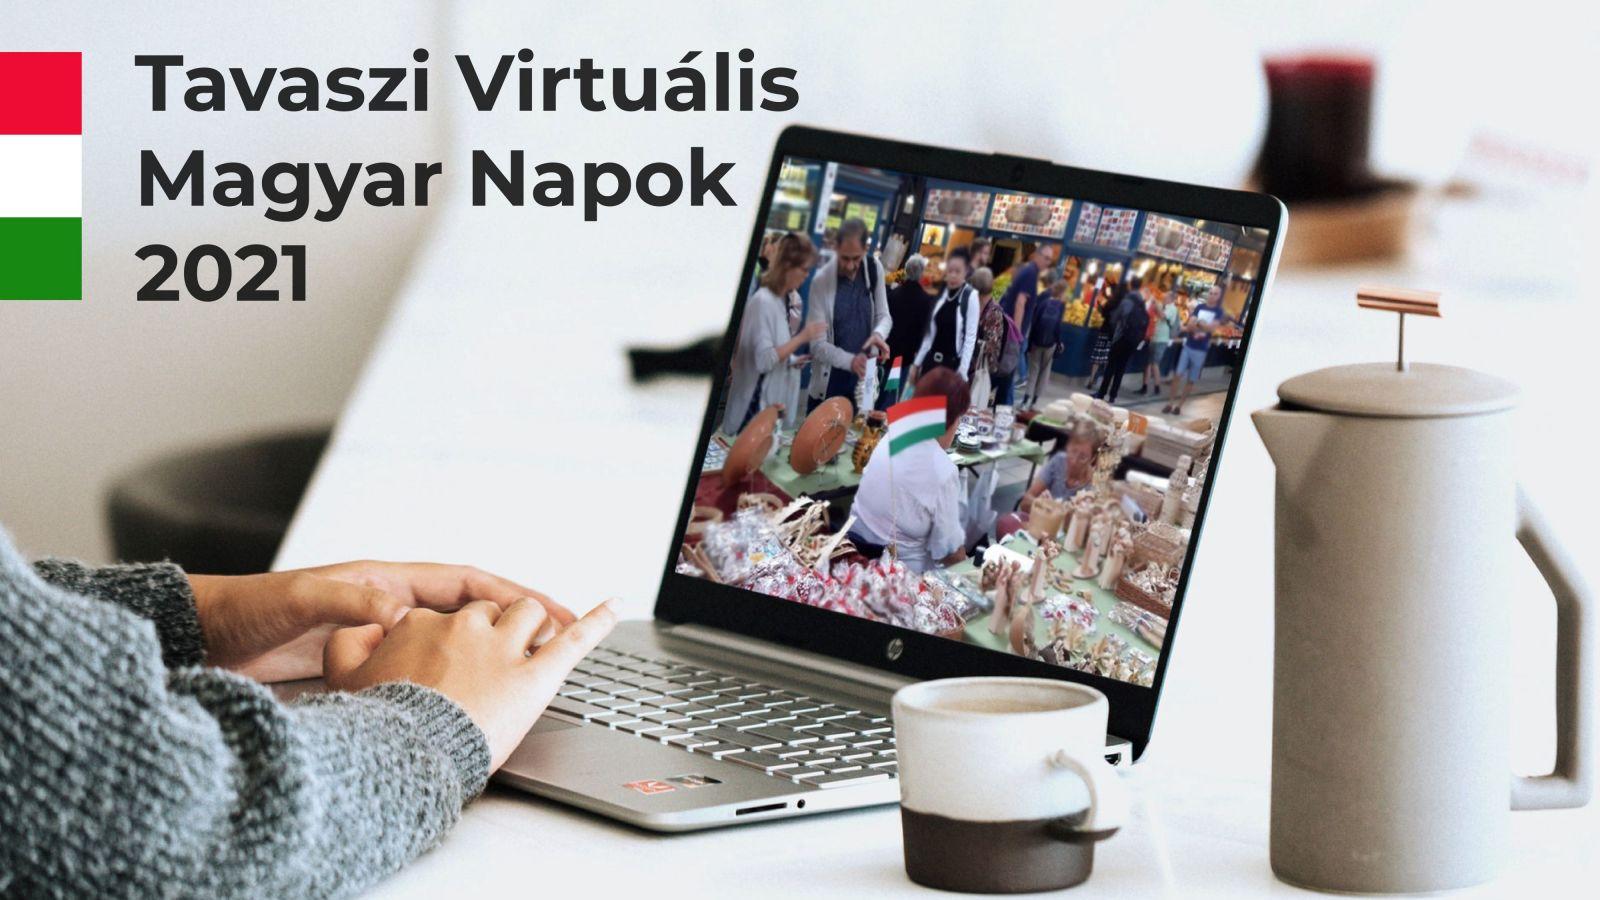 Tavaszi Virtuális Magyar Napok 2021